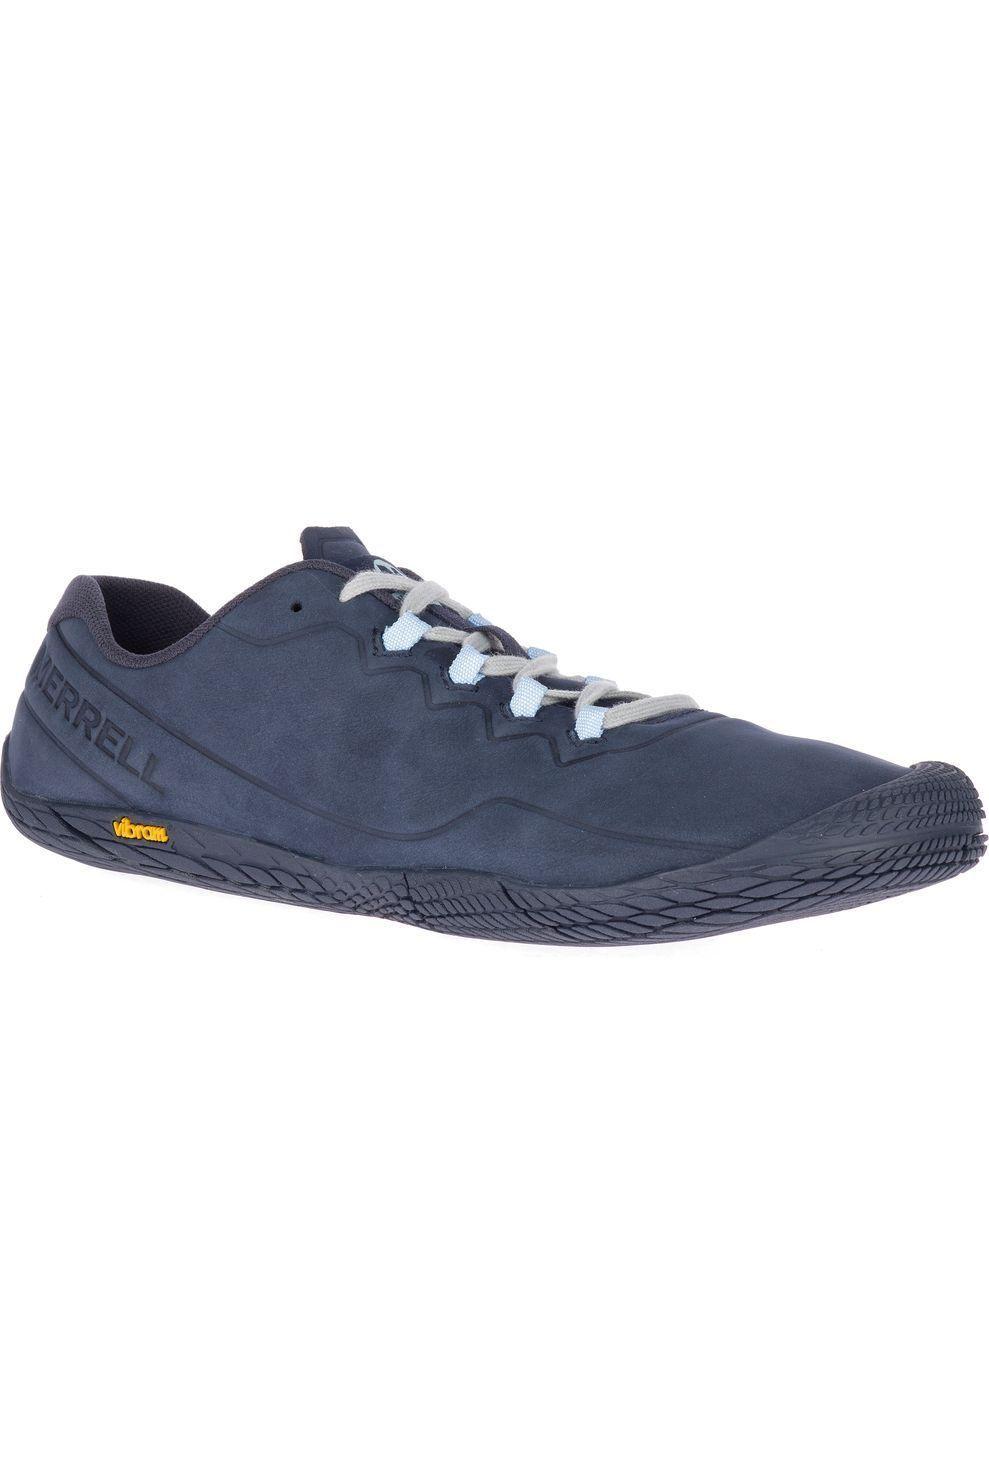 Merrell Schoen Vapor Glove 3 Luna Leather voor heren - Blauw - Maat: 48